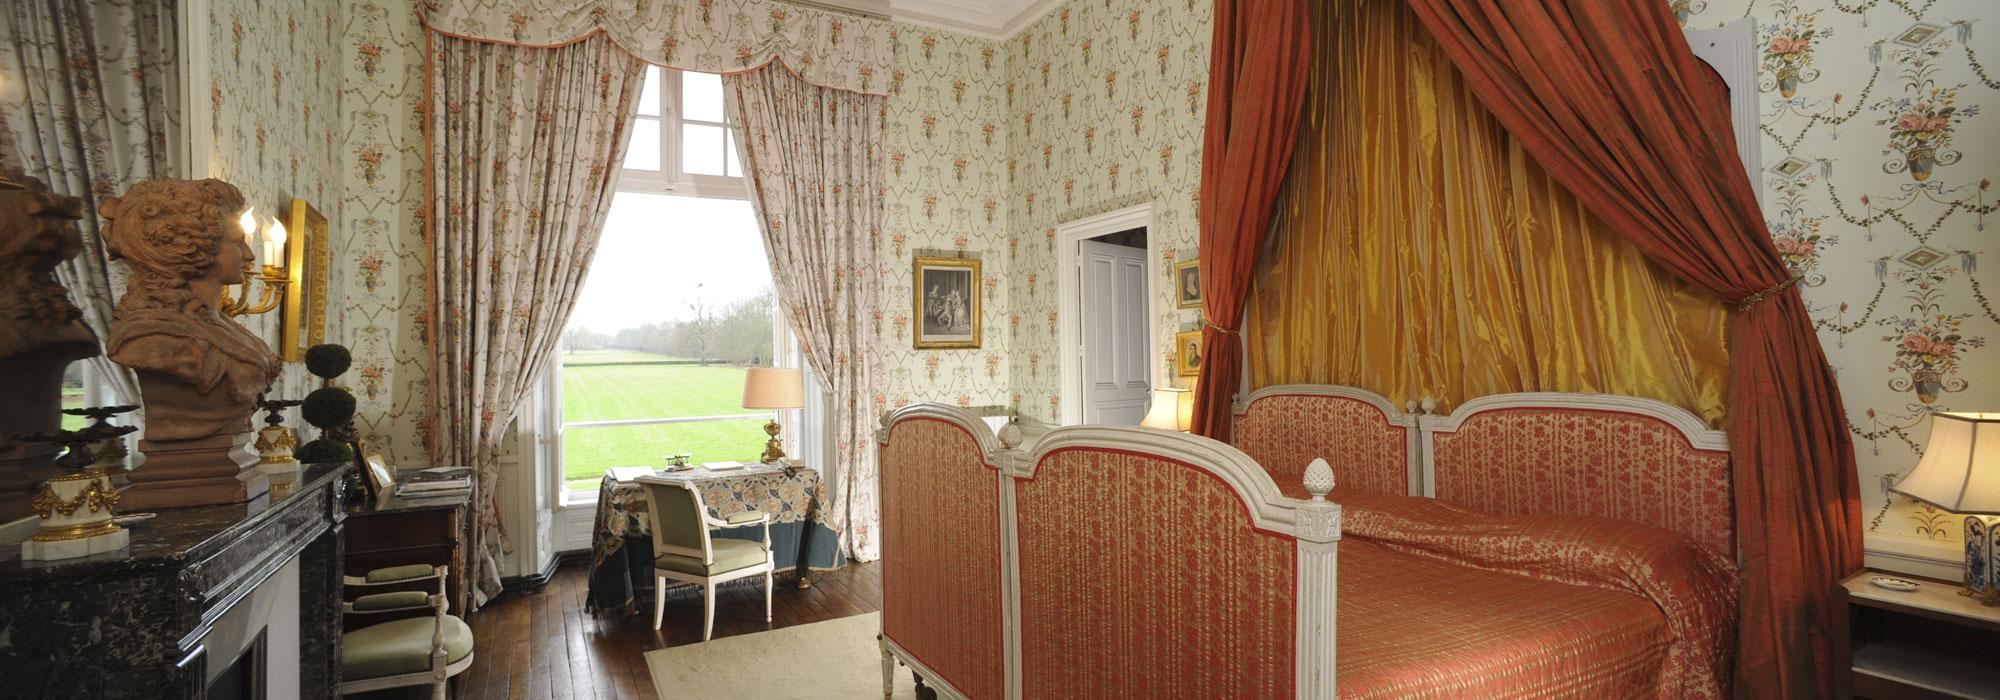 Suite Louis XVI - Chateau de Canisy